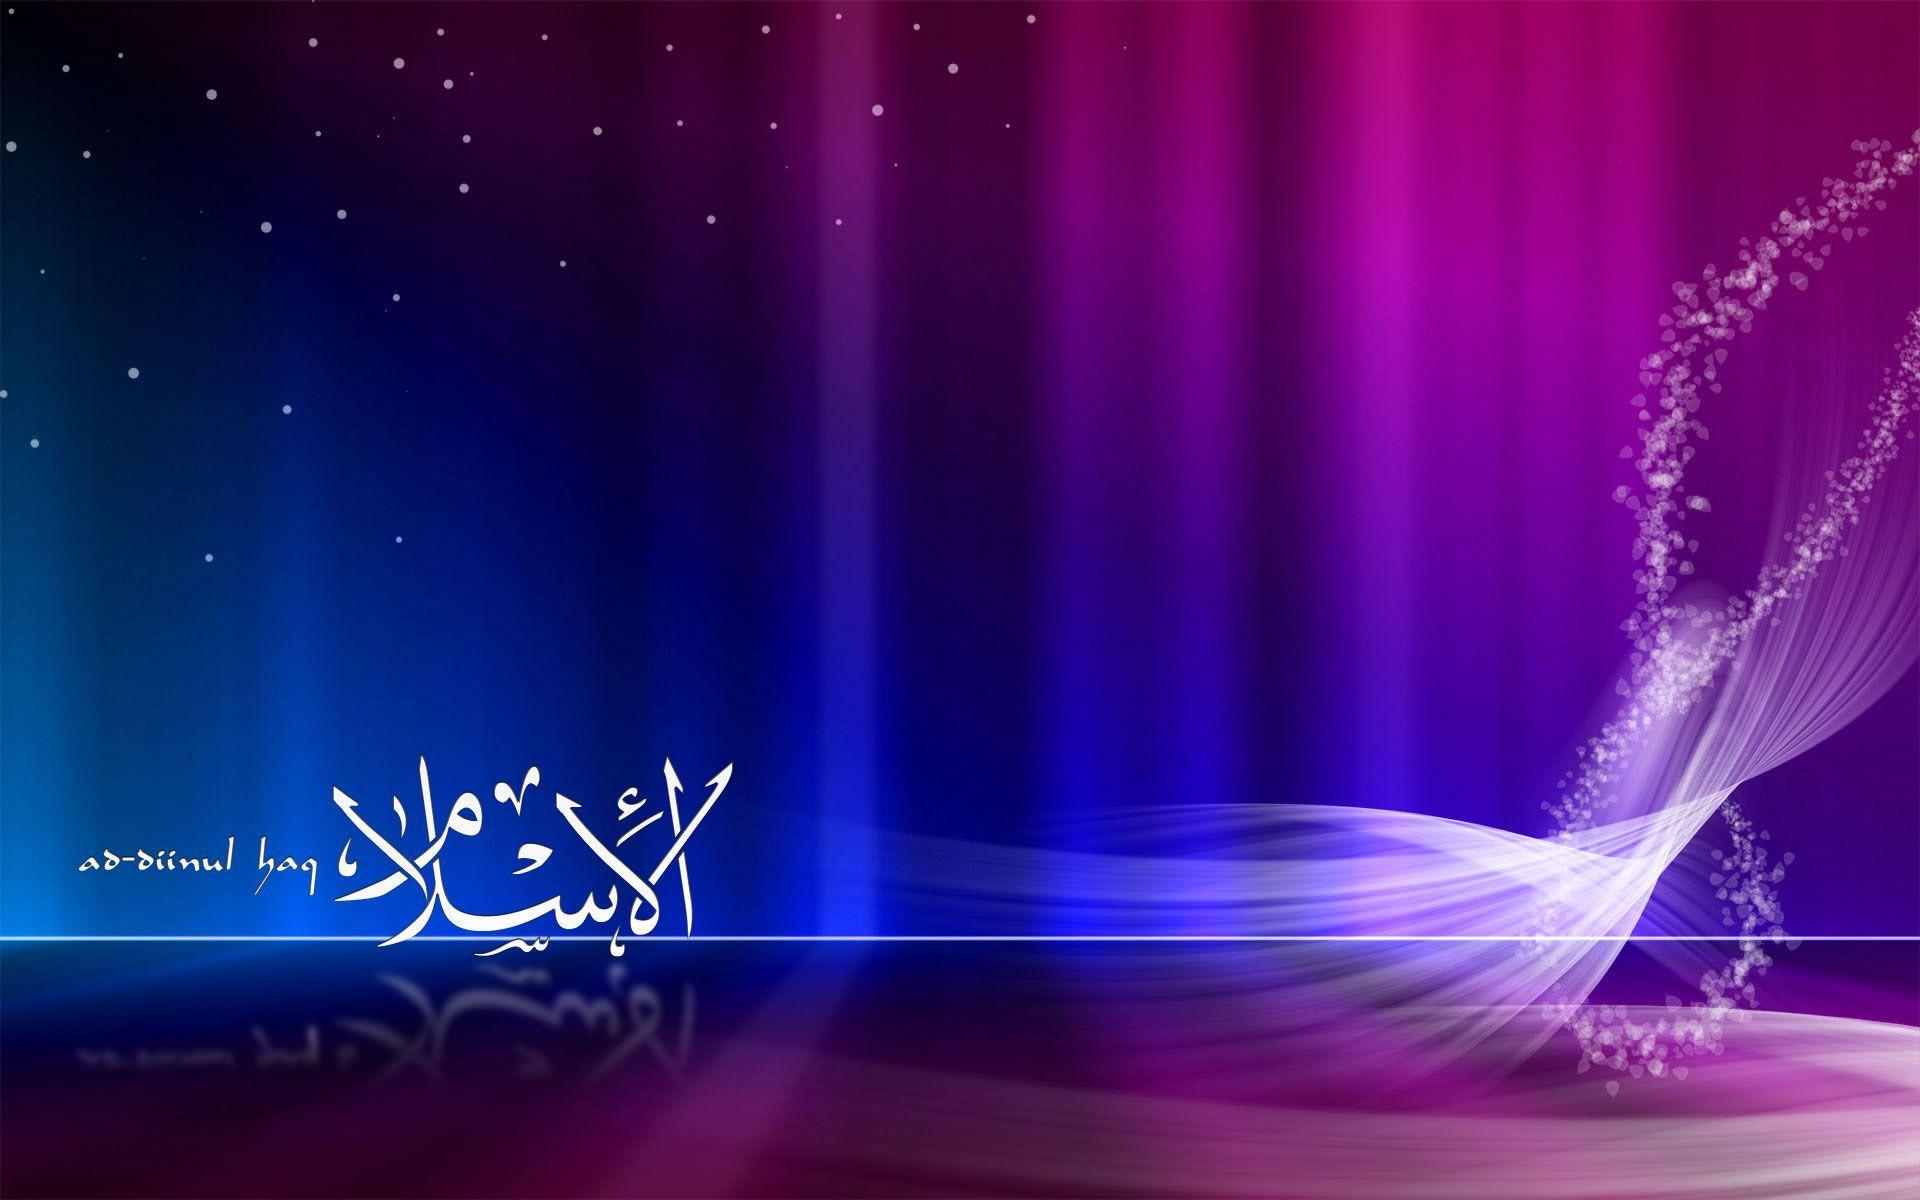 Allah Wallpapers HD 2015 - Wallpaper Cave